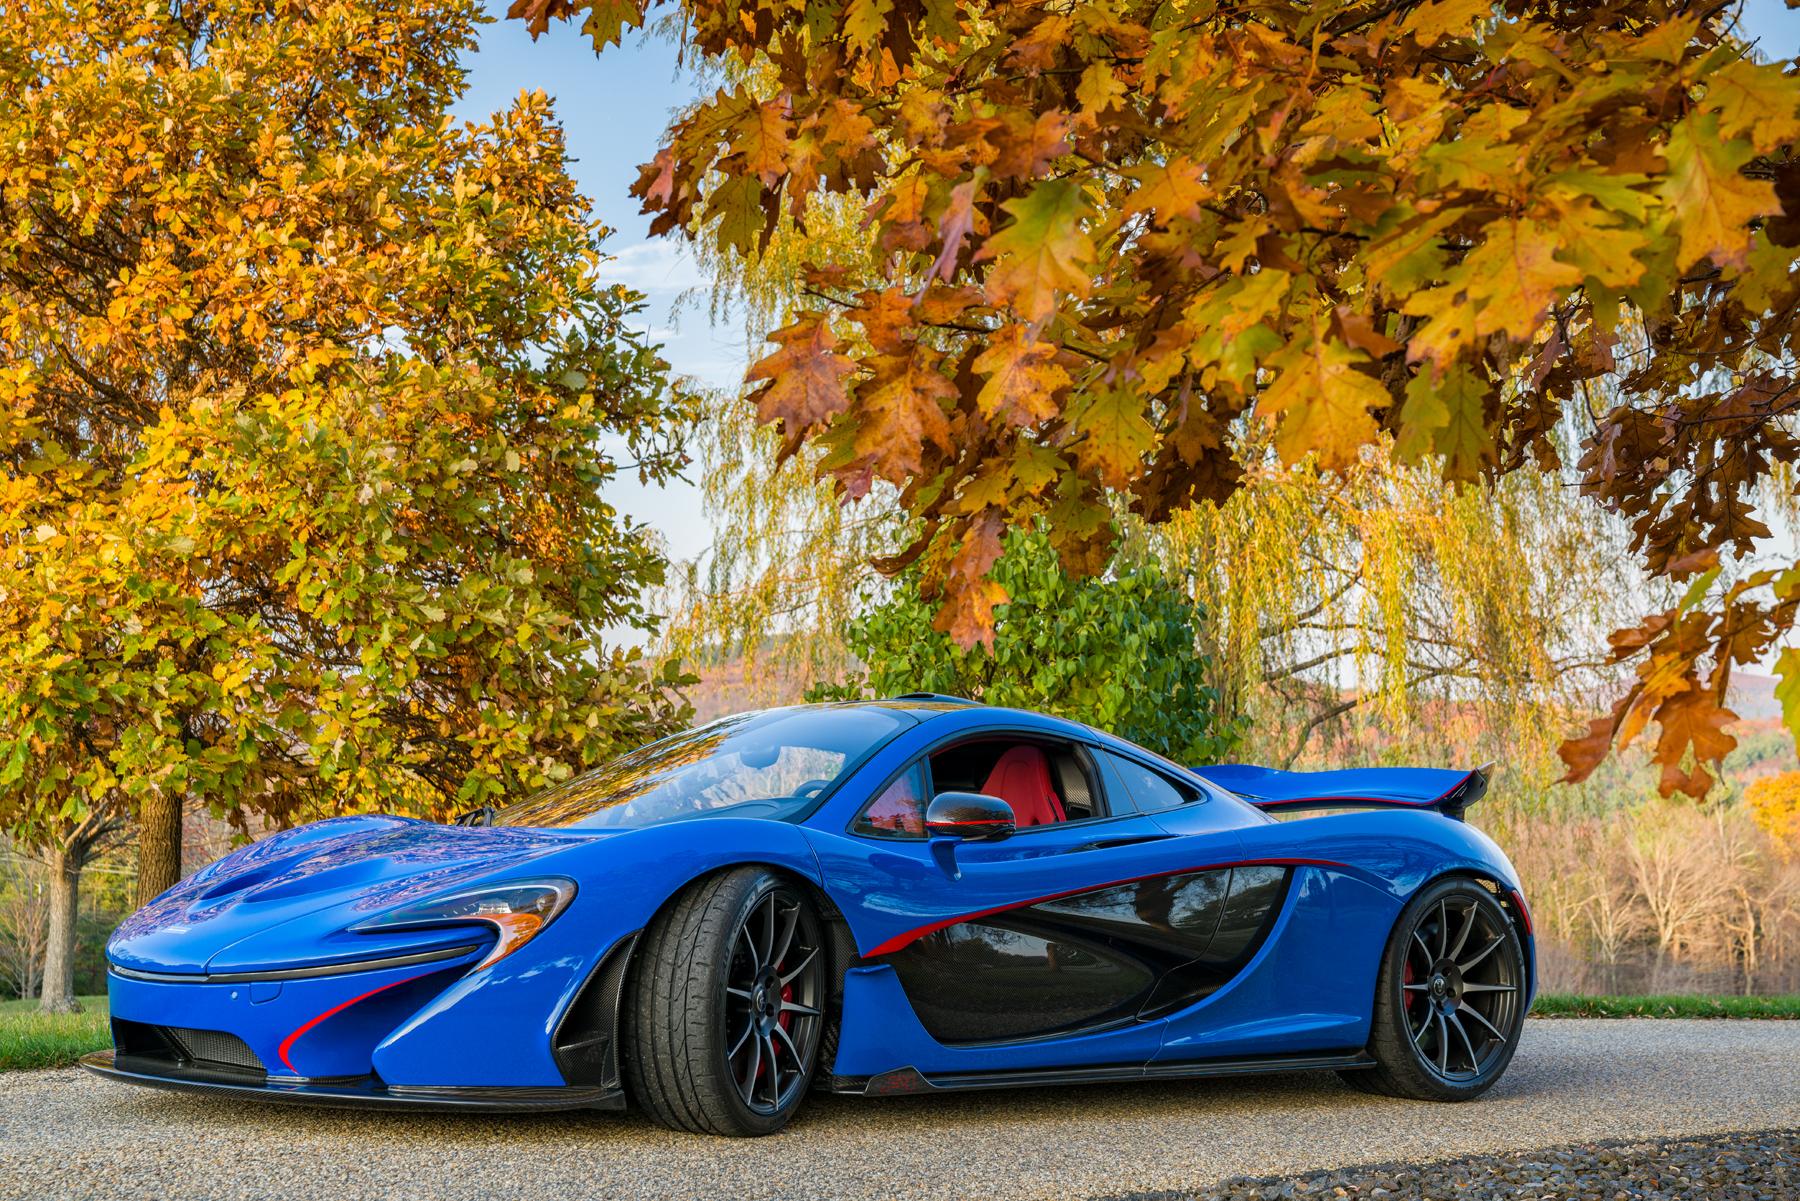 McLaren P1 Parked Alone_1488217465590.jpg